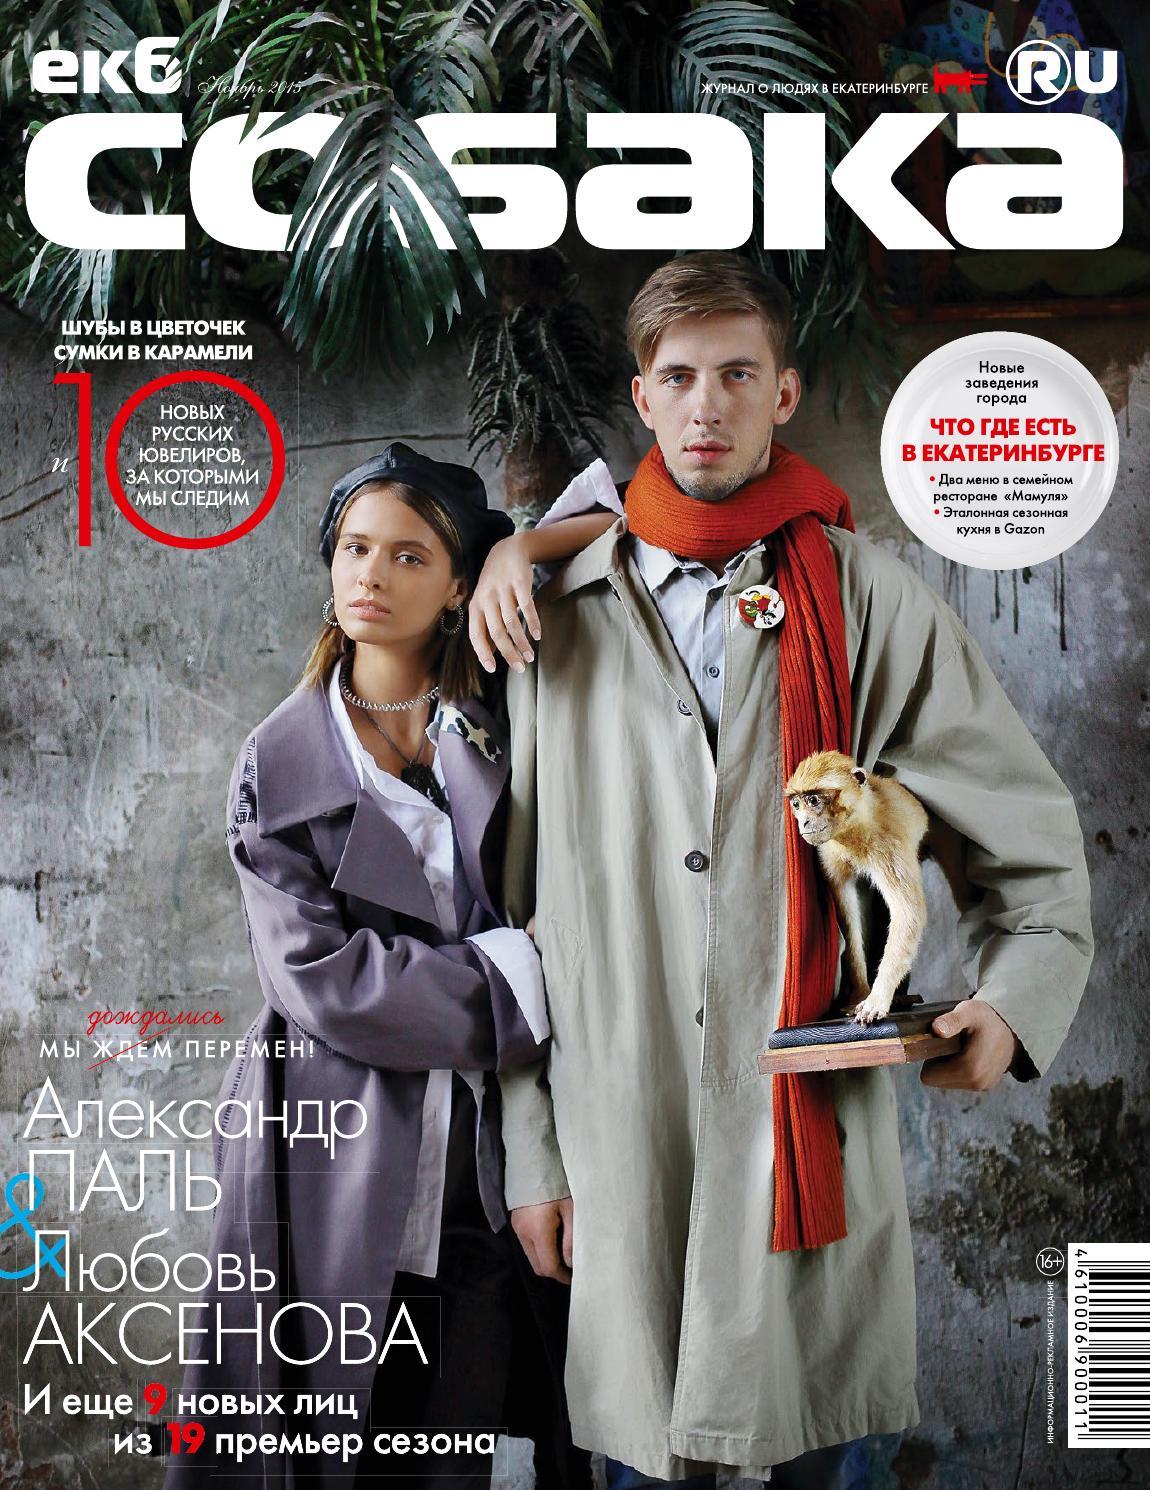 ЕКБ.Собака.ru   ноябрь 2015 by екб.собака.ru - issuu f62aa3ba447